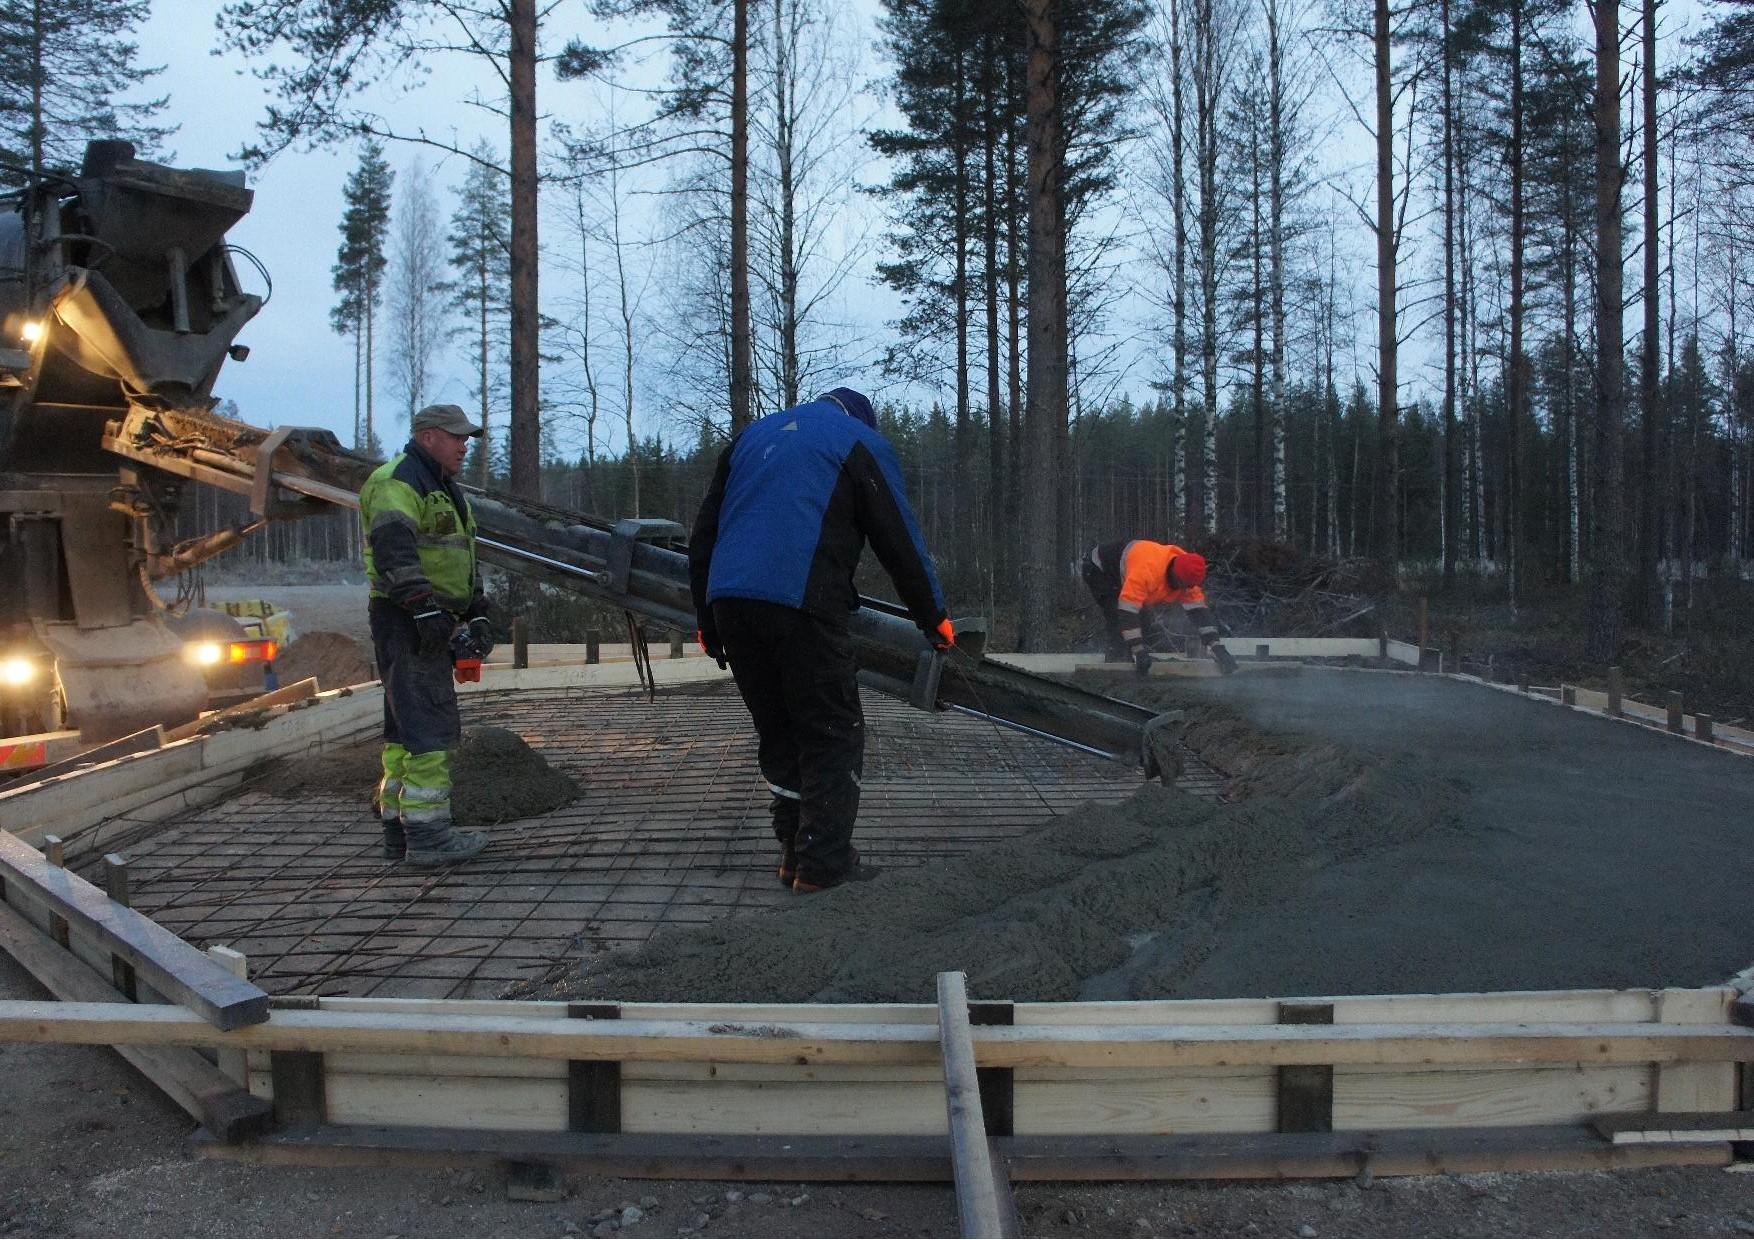 Valutyö hyvässä vauhdissa, nurmeslainen autonkuljettaja, Mauri Mönkkönen ja Matti Kilpeläinen.